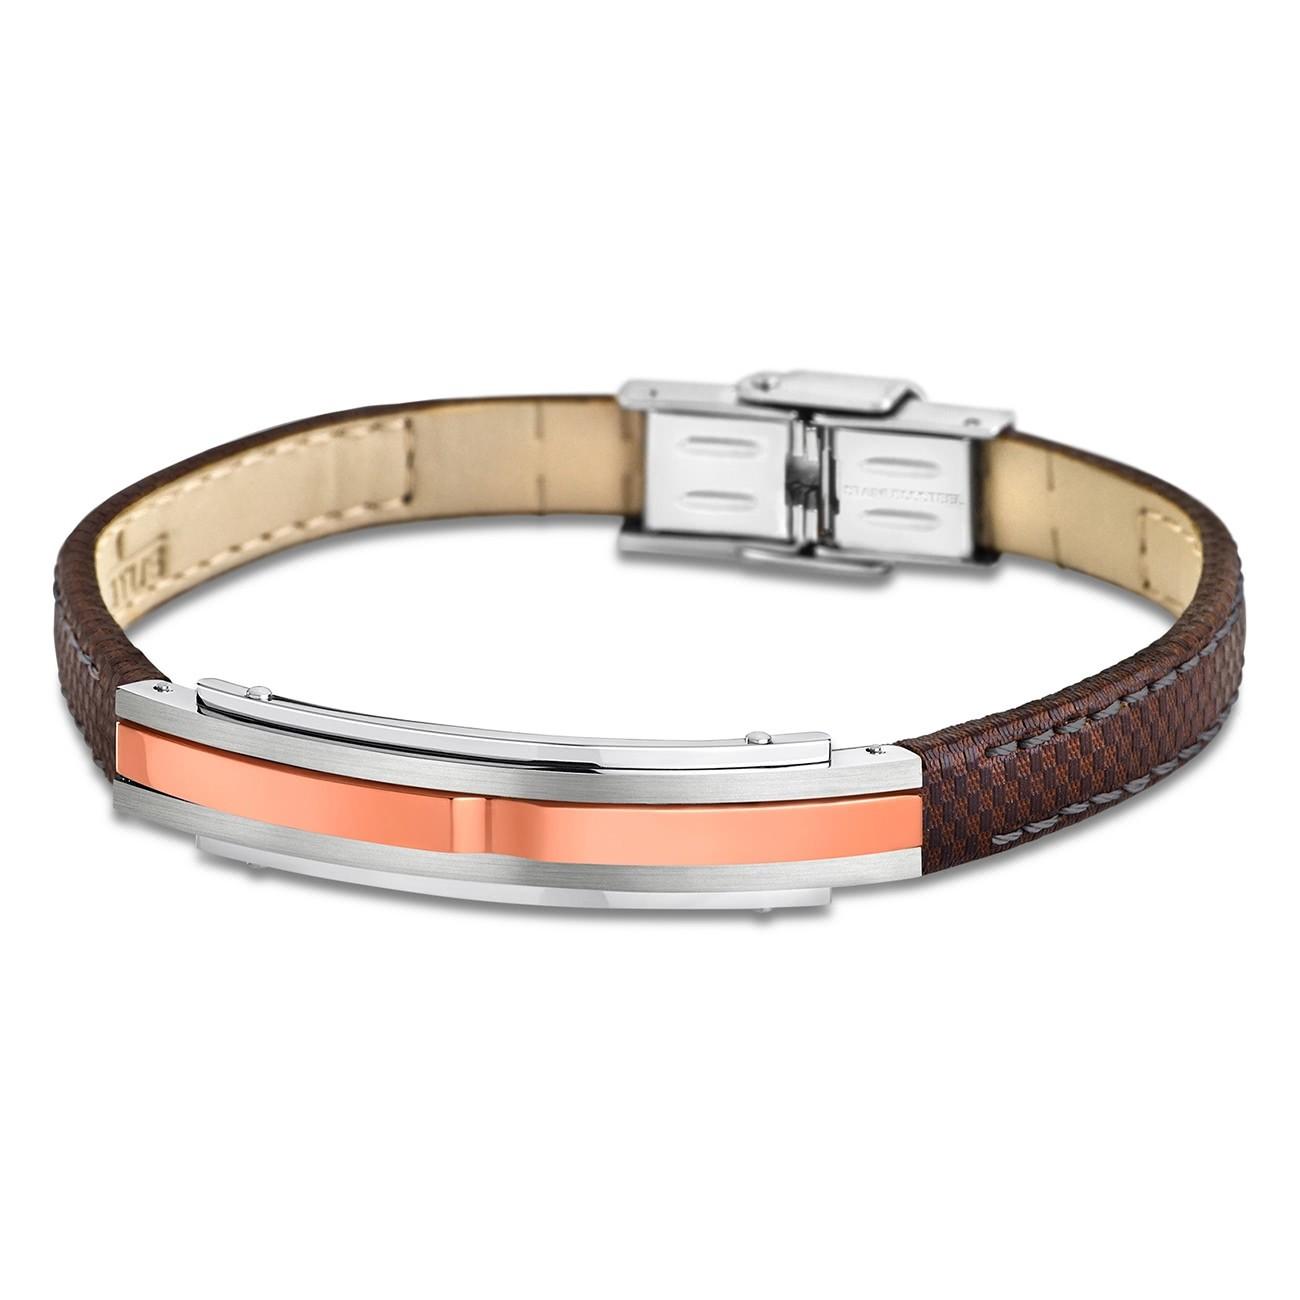 LOTUS Style Armband Herren Leder silber braun LS1809-2/3 Urban JLS1809-2-3